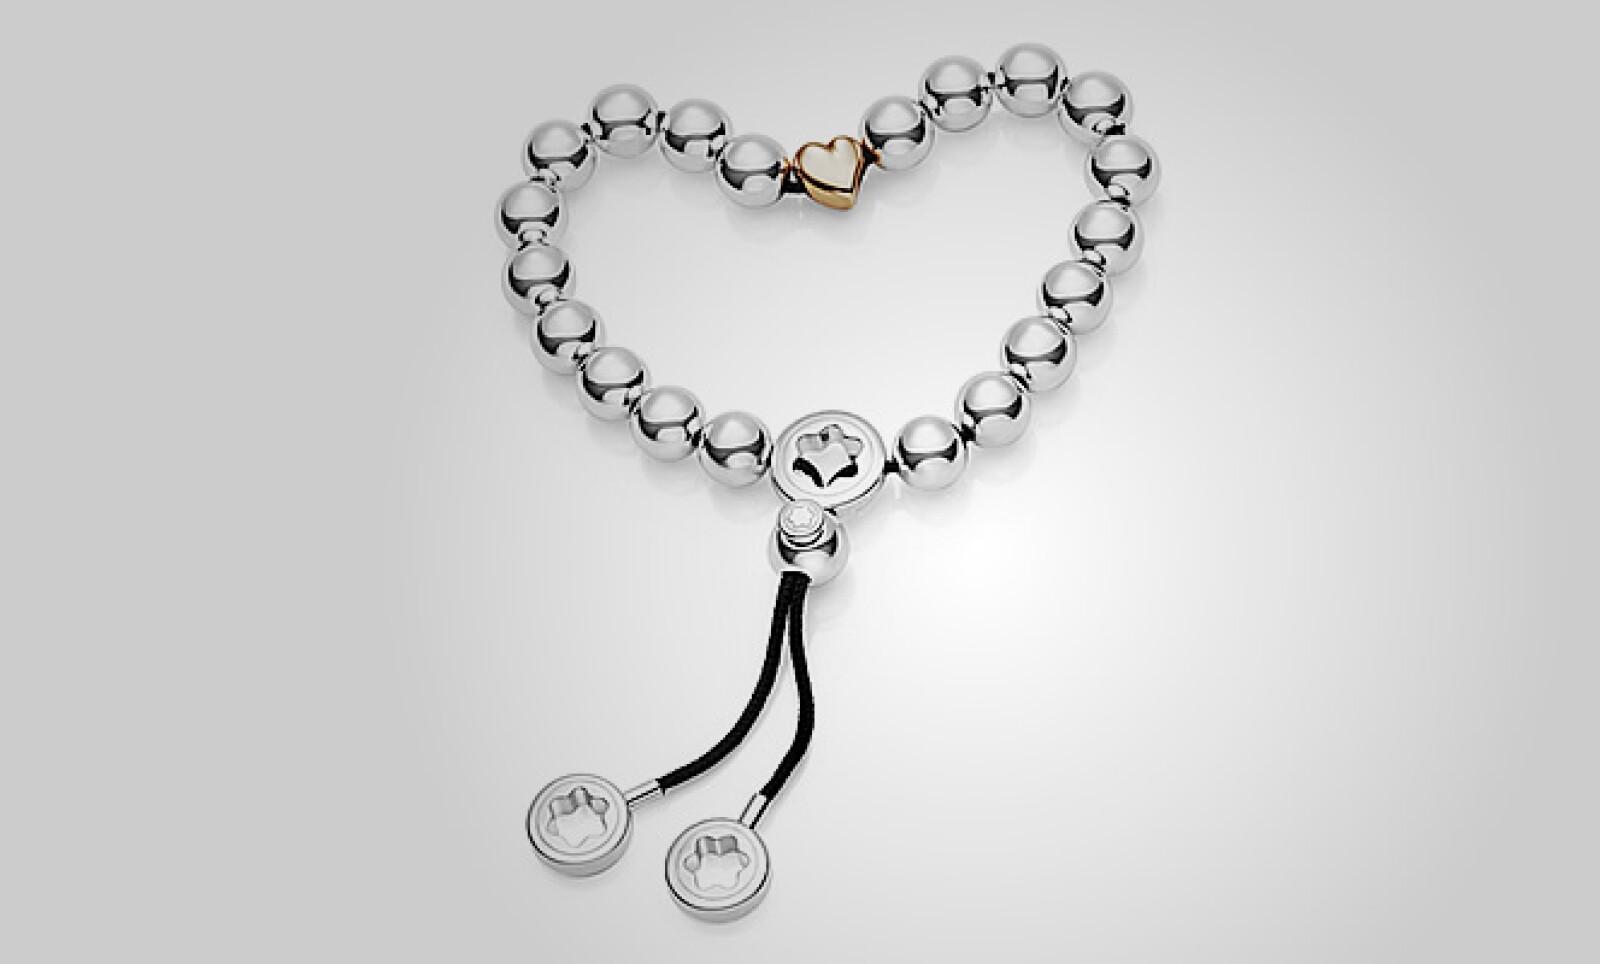 Un brazalete de Montblanc, que tiene perlas de plata entrelazadas, en un hilo de color negro que se cierran en un dije de corazón en color rosa.